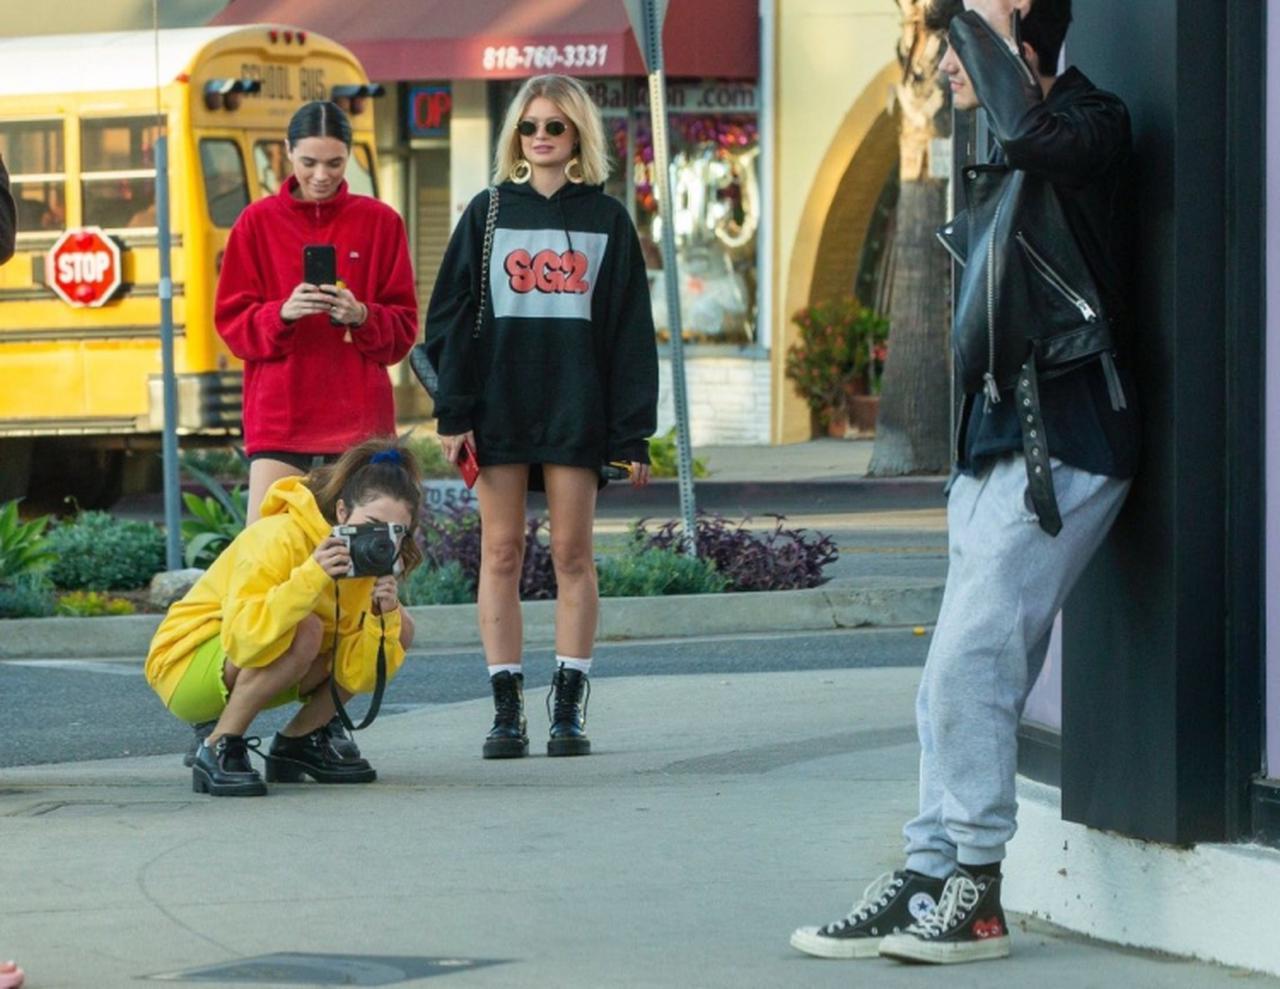 画像: 写真撮影中のセレーナを撮影するコナー、その隣がナタリー、アーロンは建物に寄りかかってクールにポーズ。 twitter.com